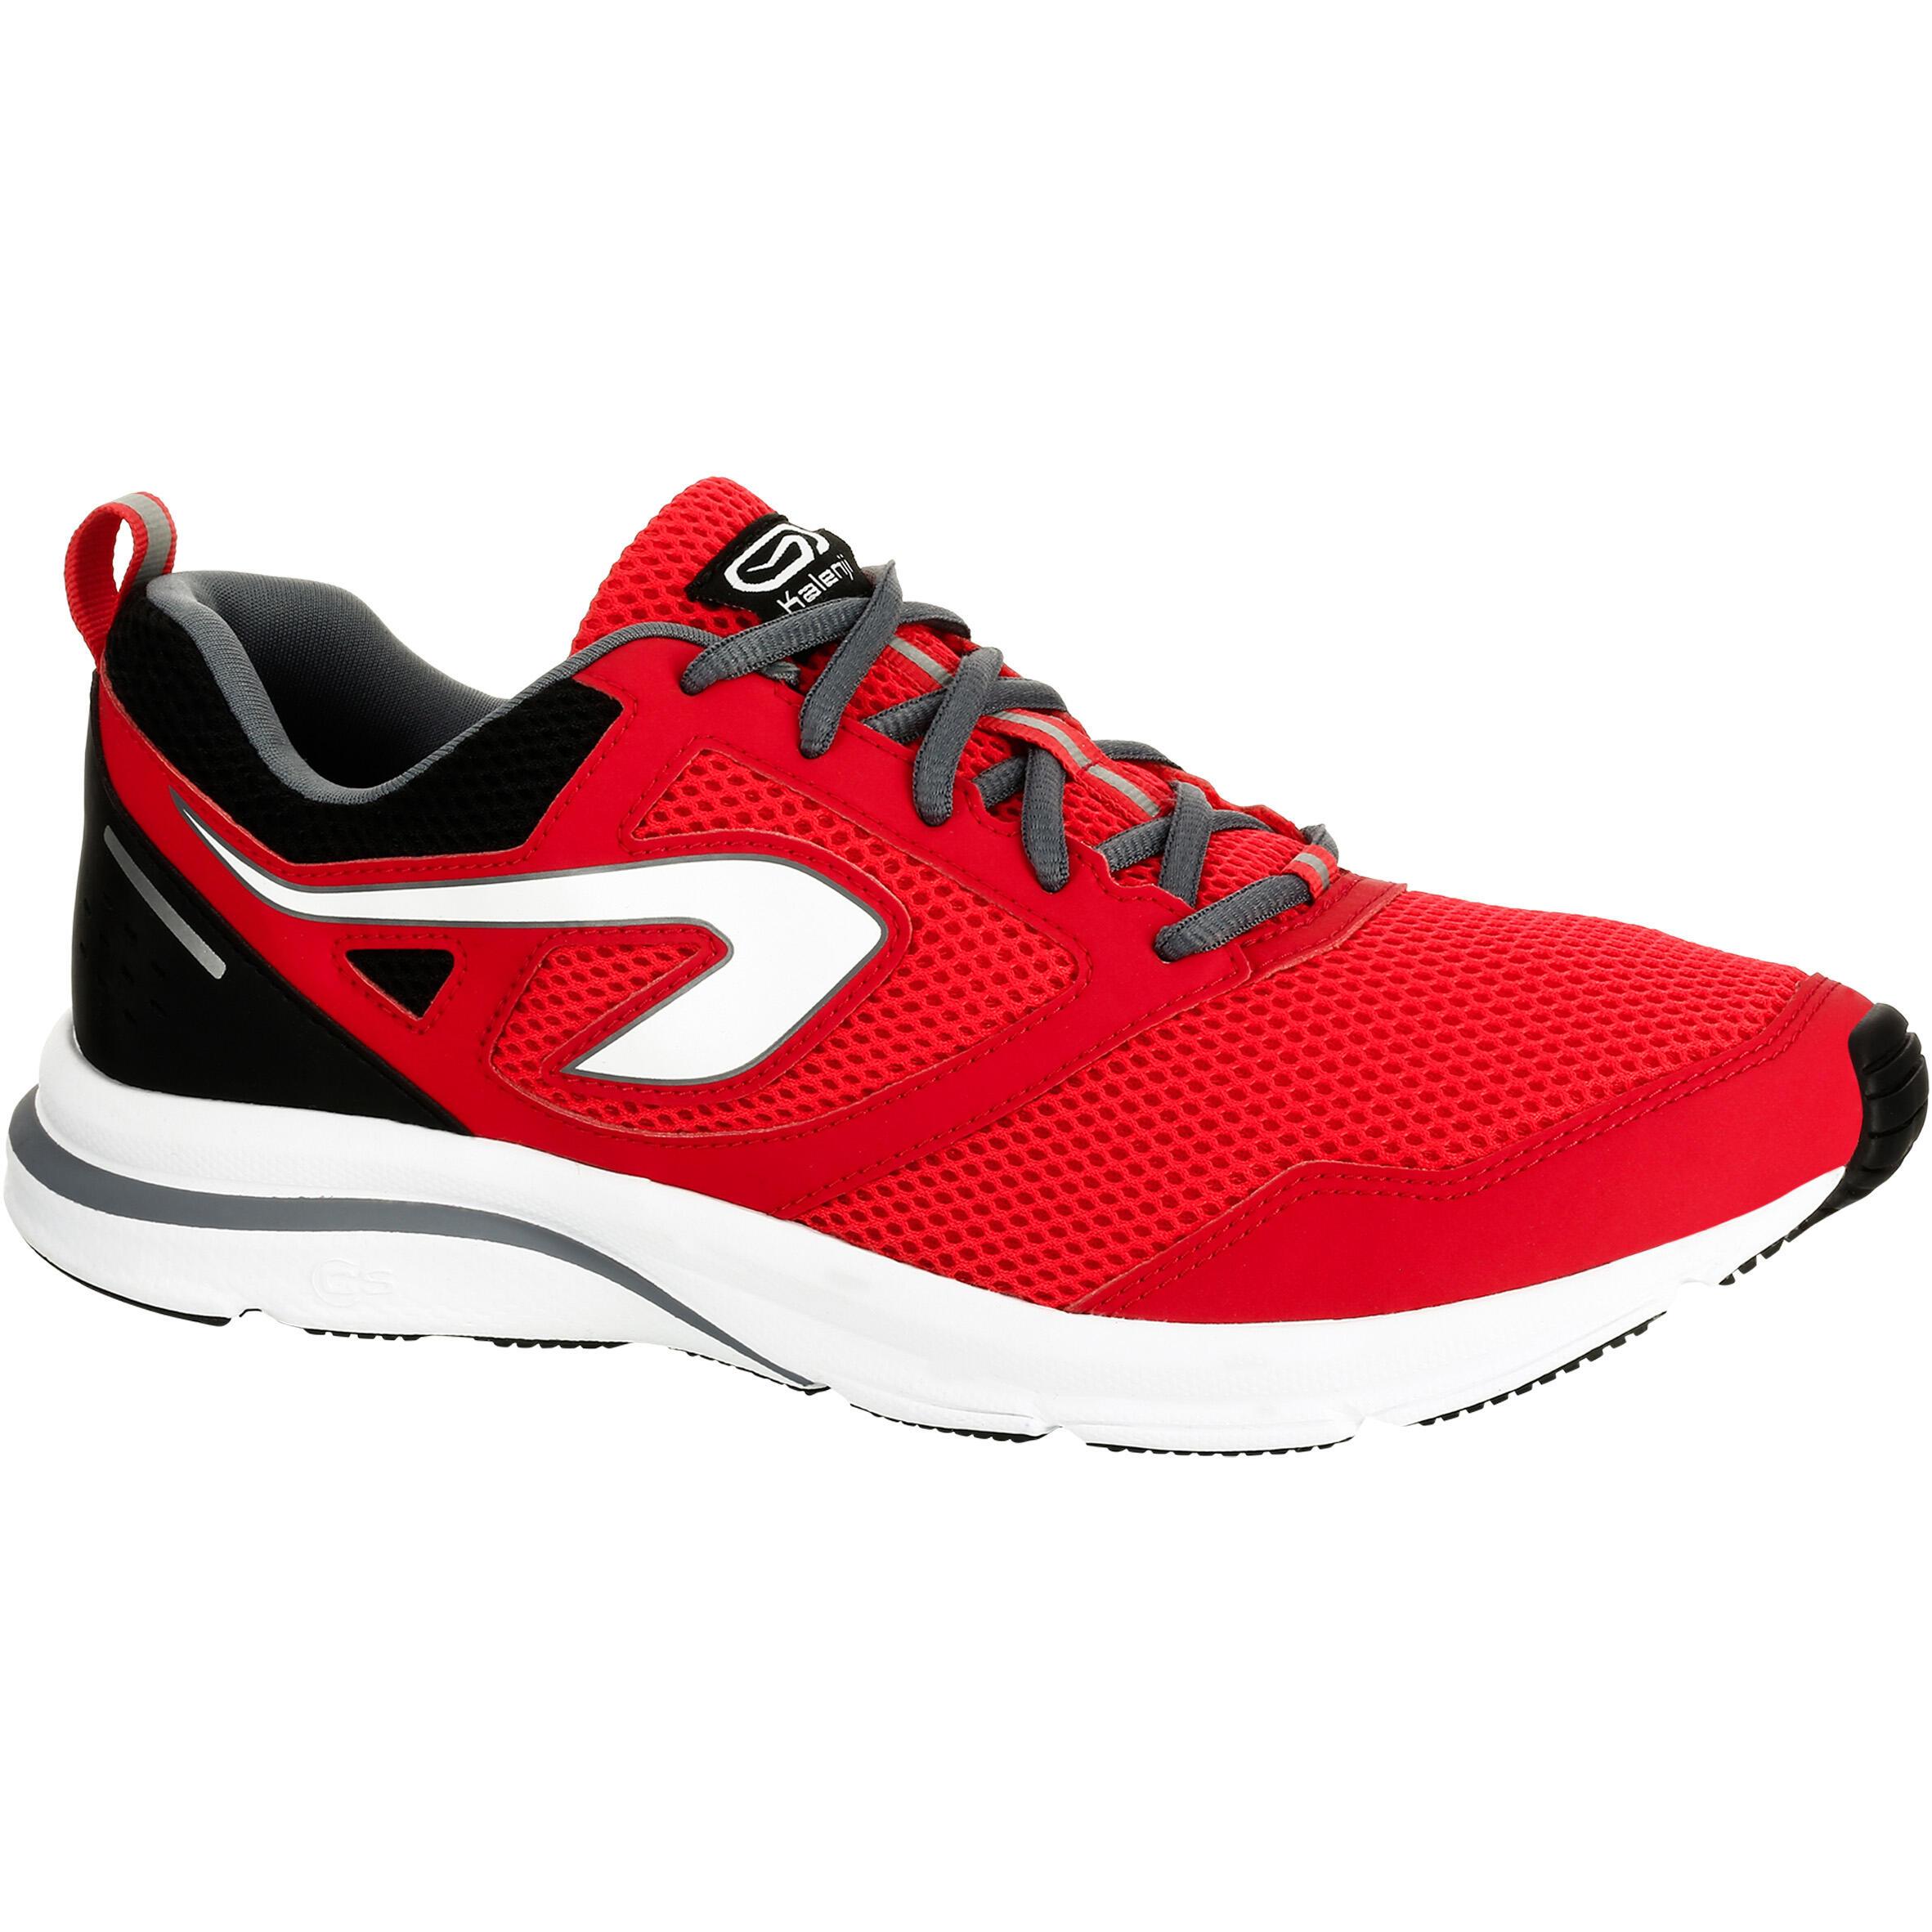 Kalenji Hardloopschoenen voor heren Run Active rood kopen